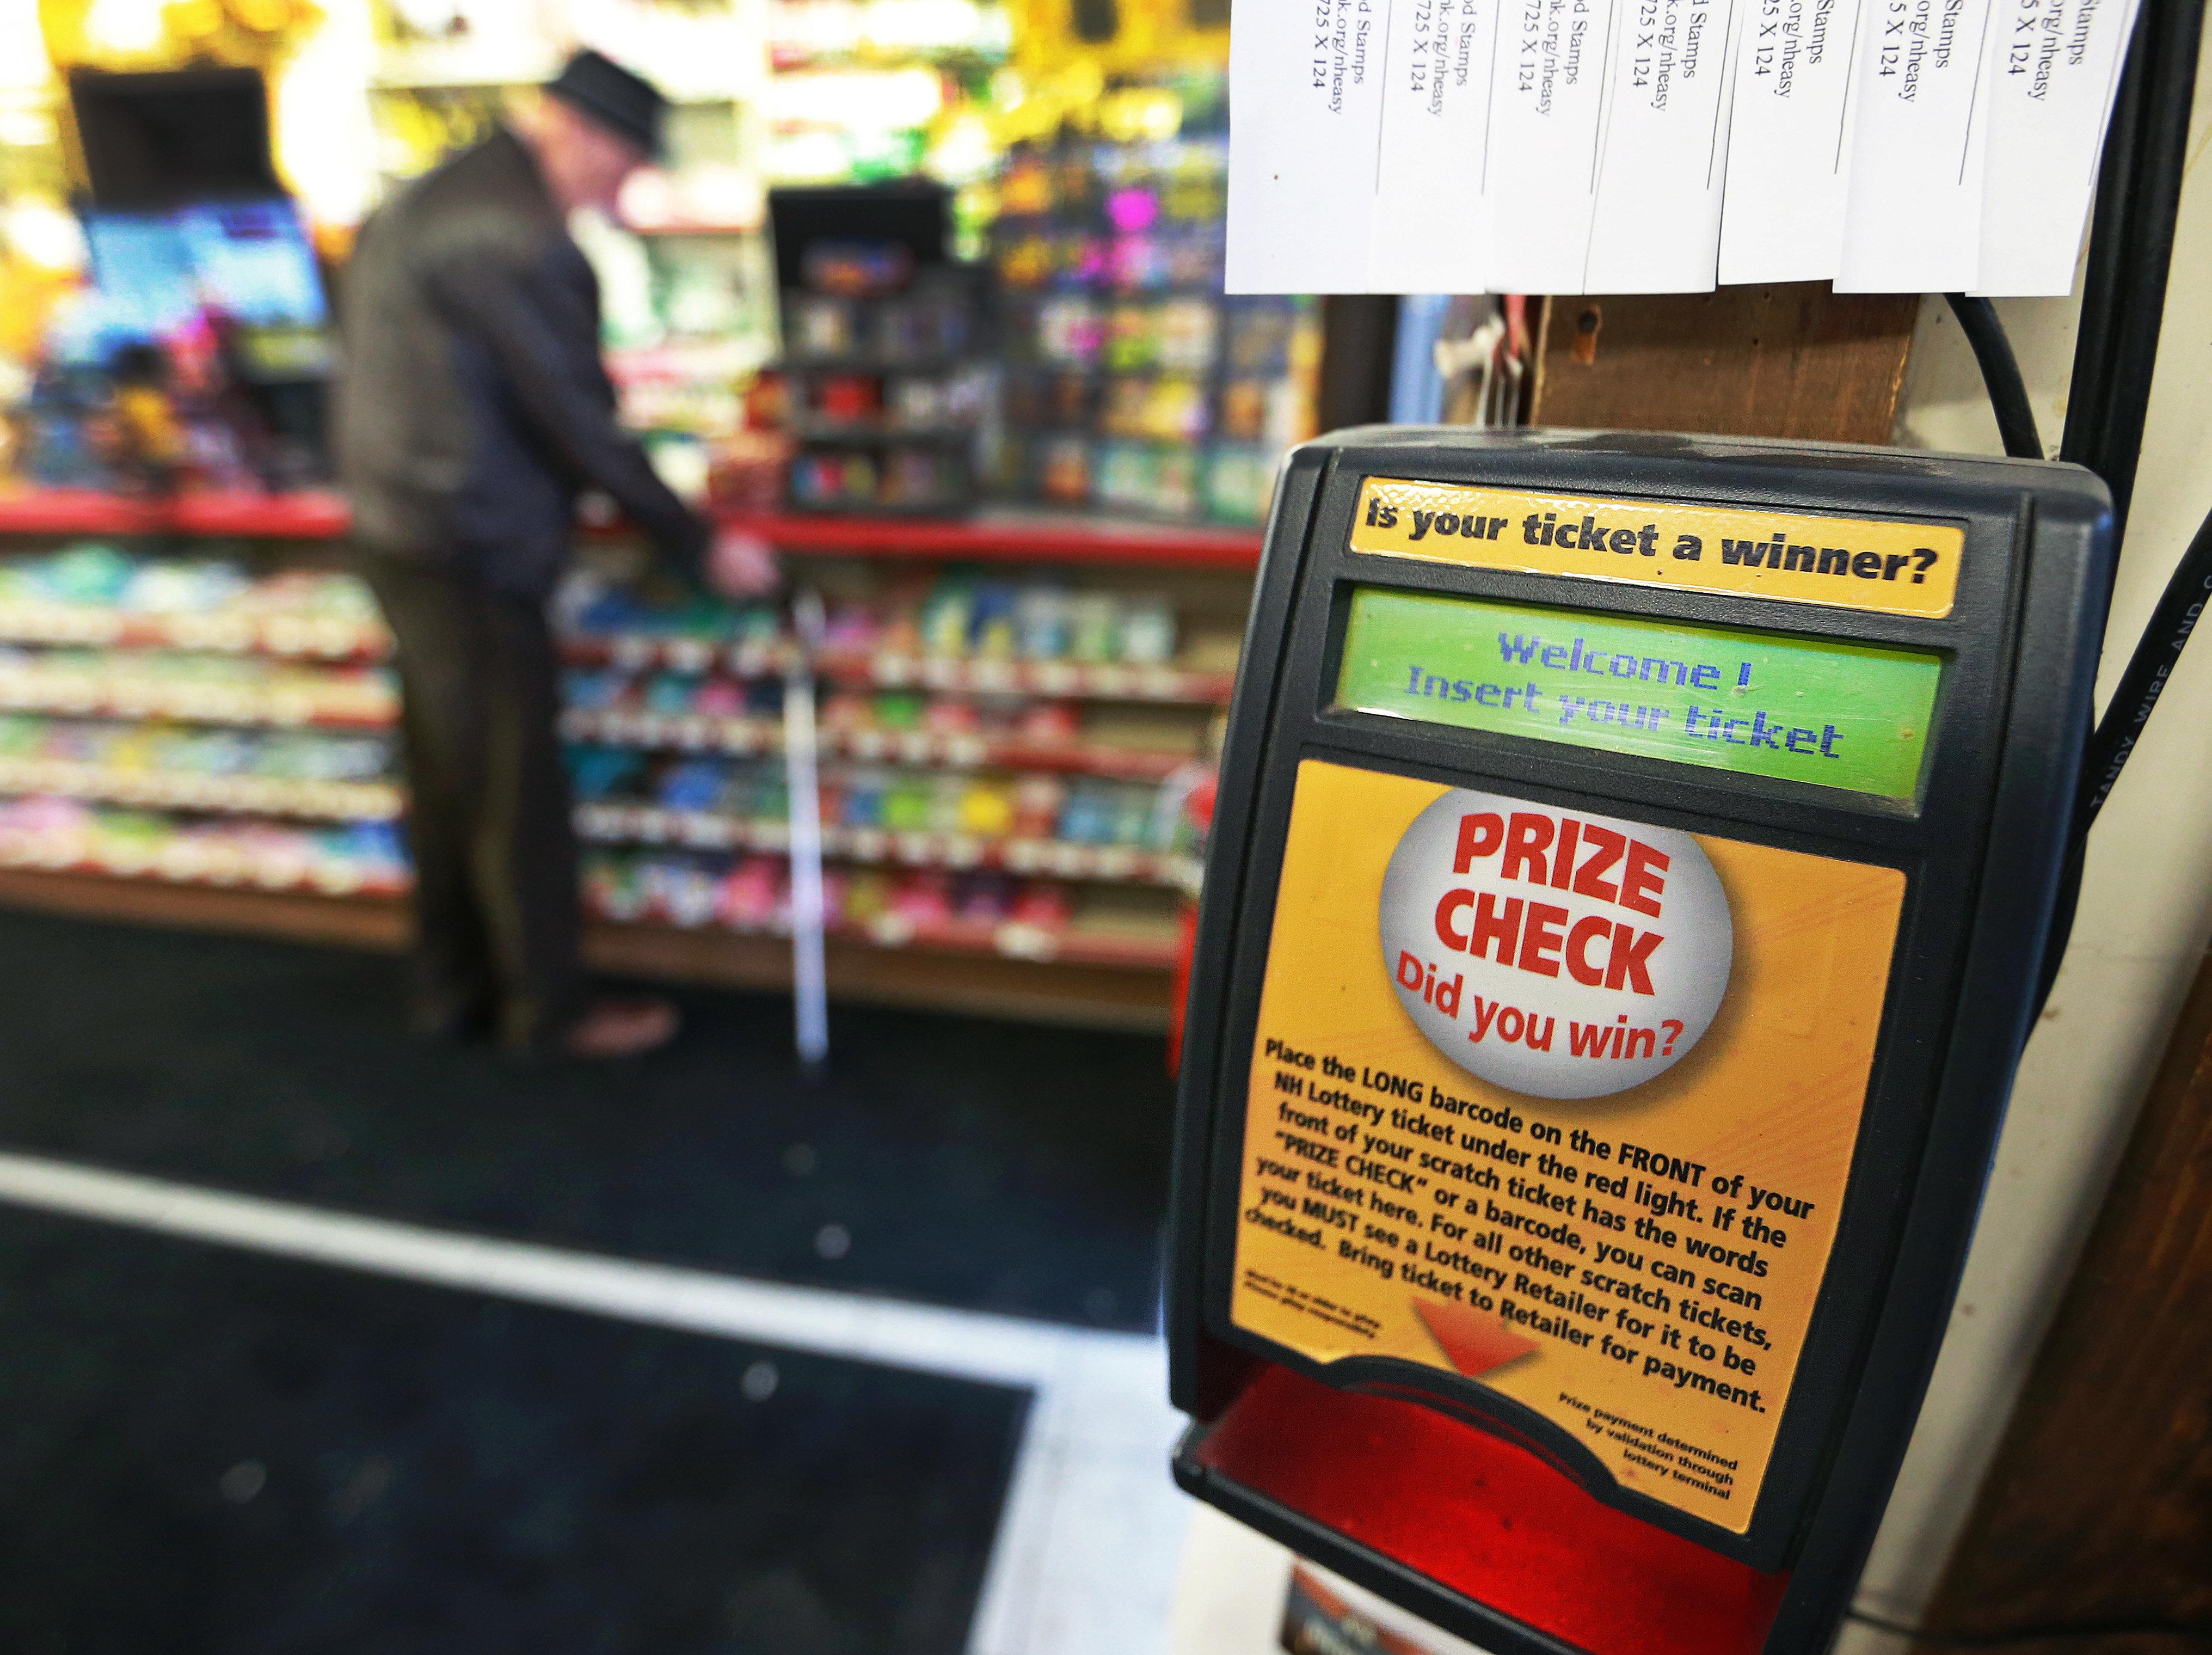 Mann wollte nur Orangensaft zurückbringen –jetzt ist er Lotto-Millionär